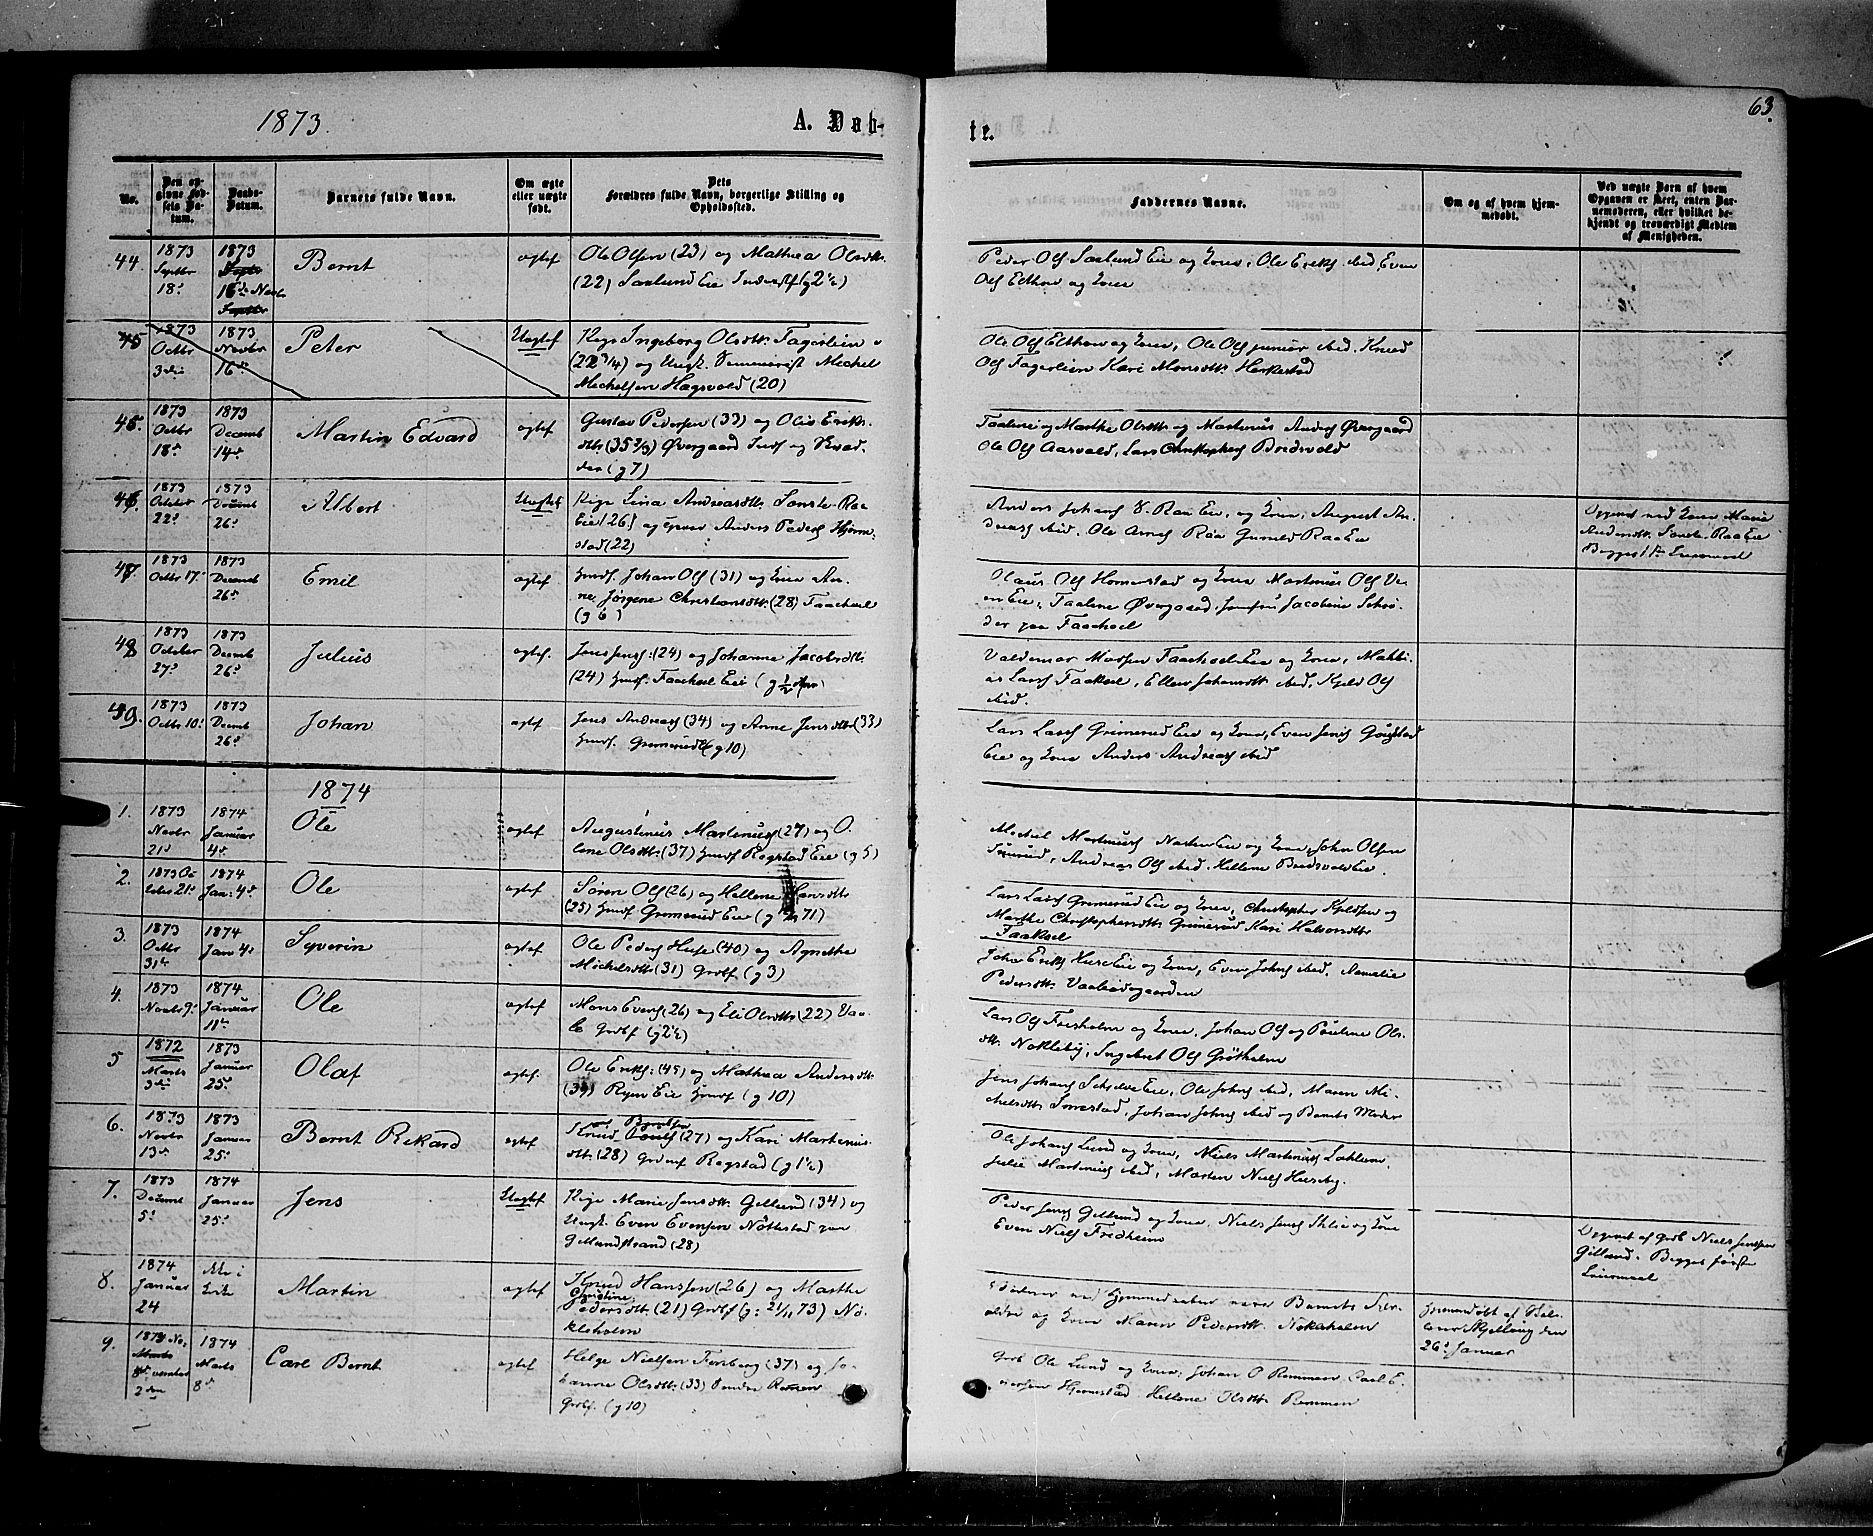 SAH, Stange prestekontor, K/L0013: Parish register (official) no. 13, 1862-1879, p. 63